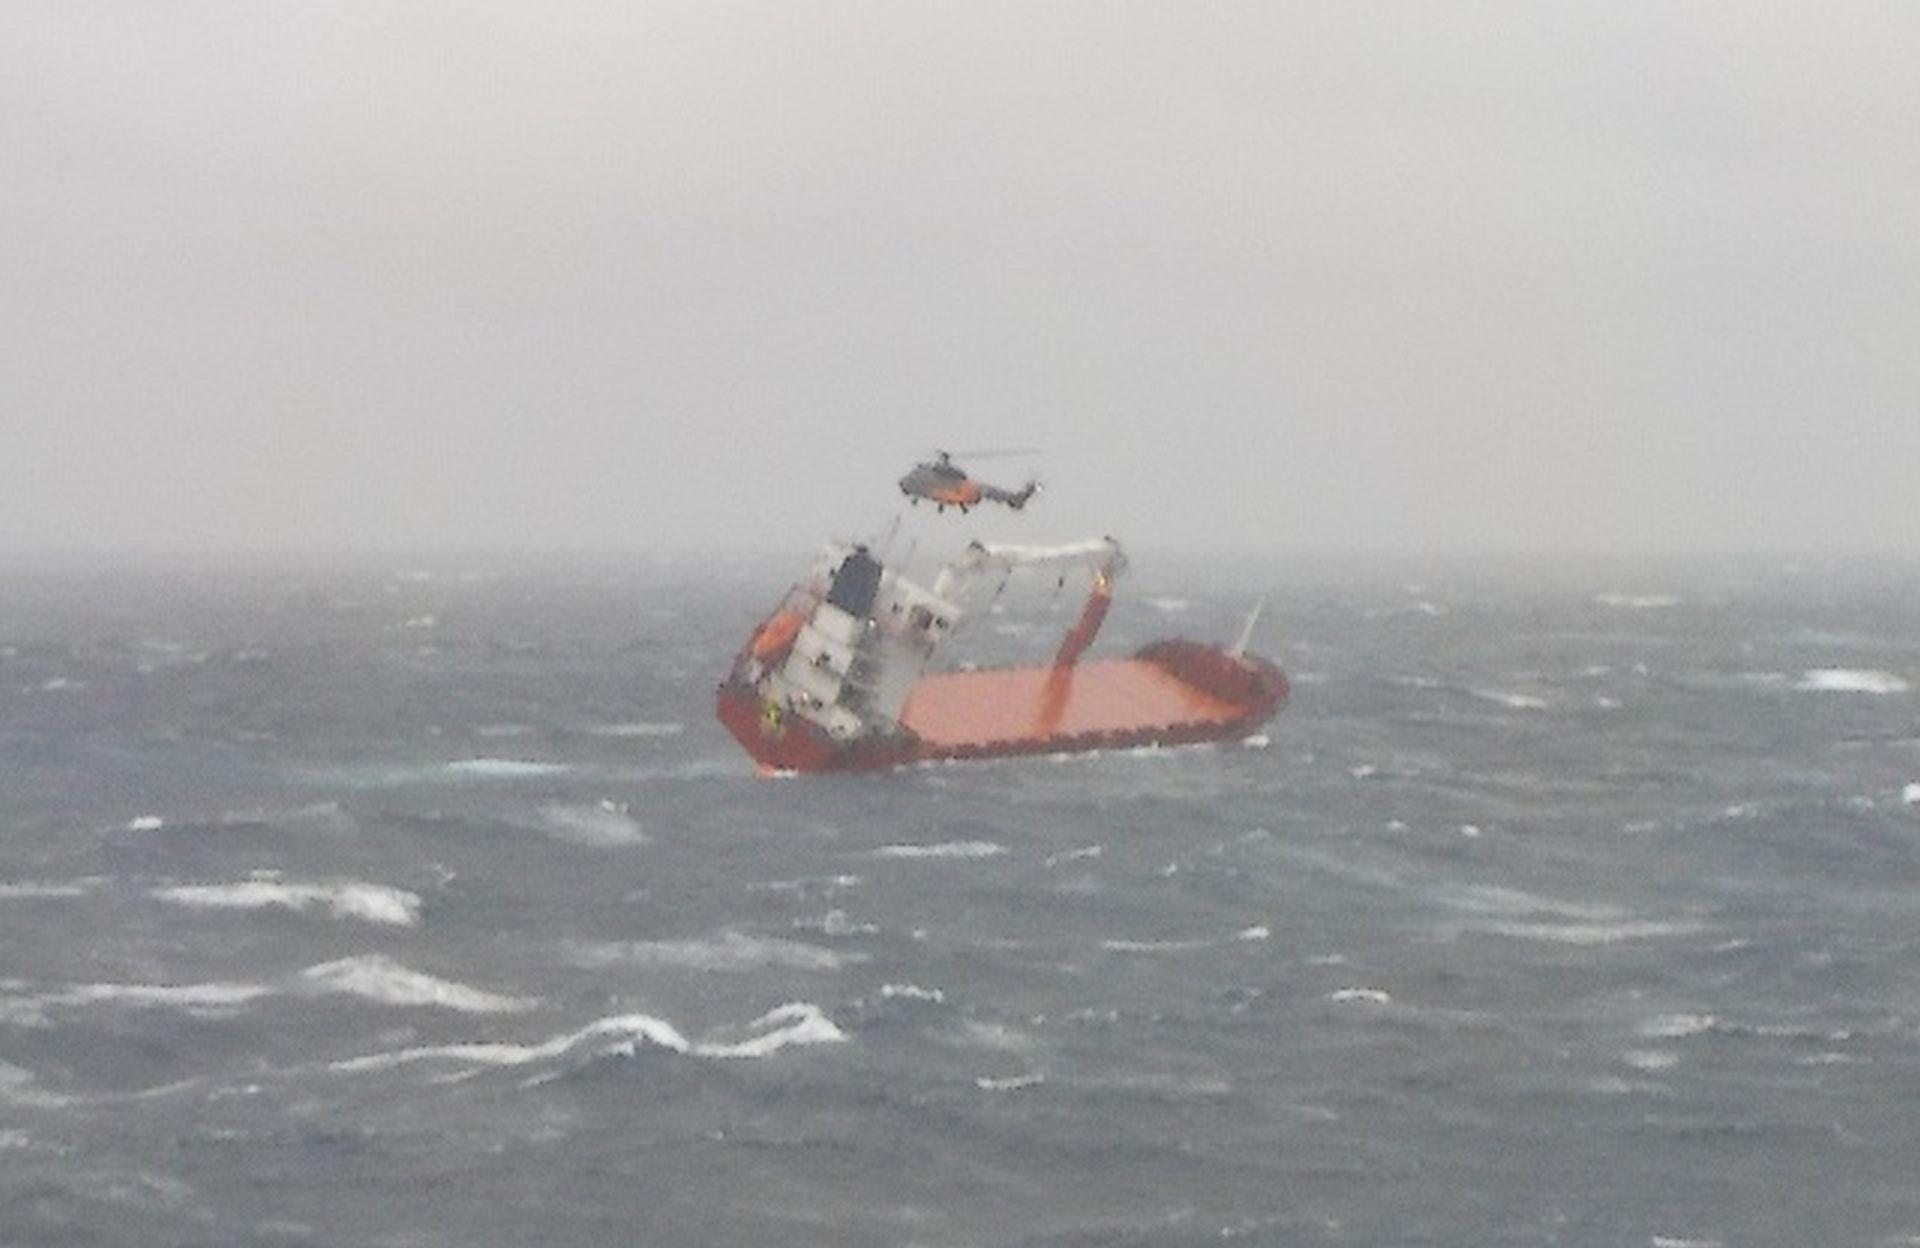 Γιγάντια επιχείρηση σωτηρίας ναυτικών ακυβέρνητου πλοίου στο Αιγαίο με ανέμους 9 μποφόρ - Συγκλονιστικές φωτογραφίες....